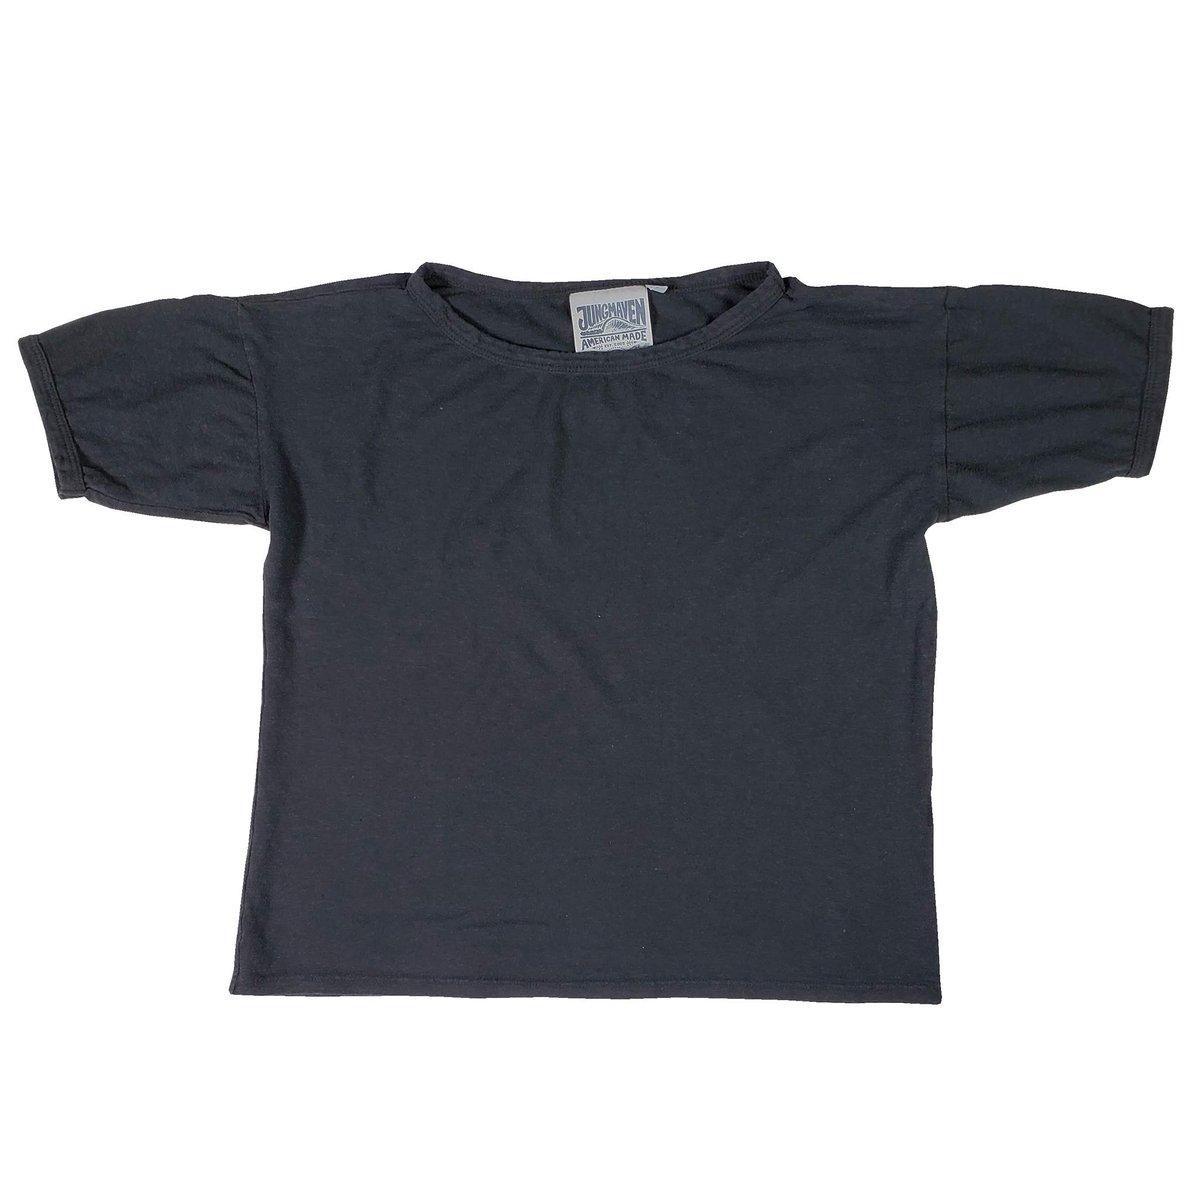 Image of Jungmaven Boxy Tee - Washed Black